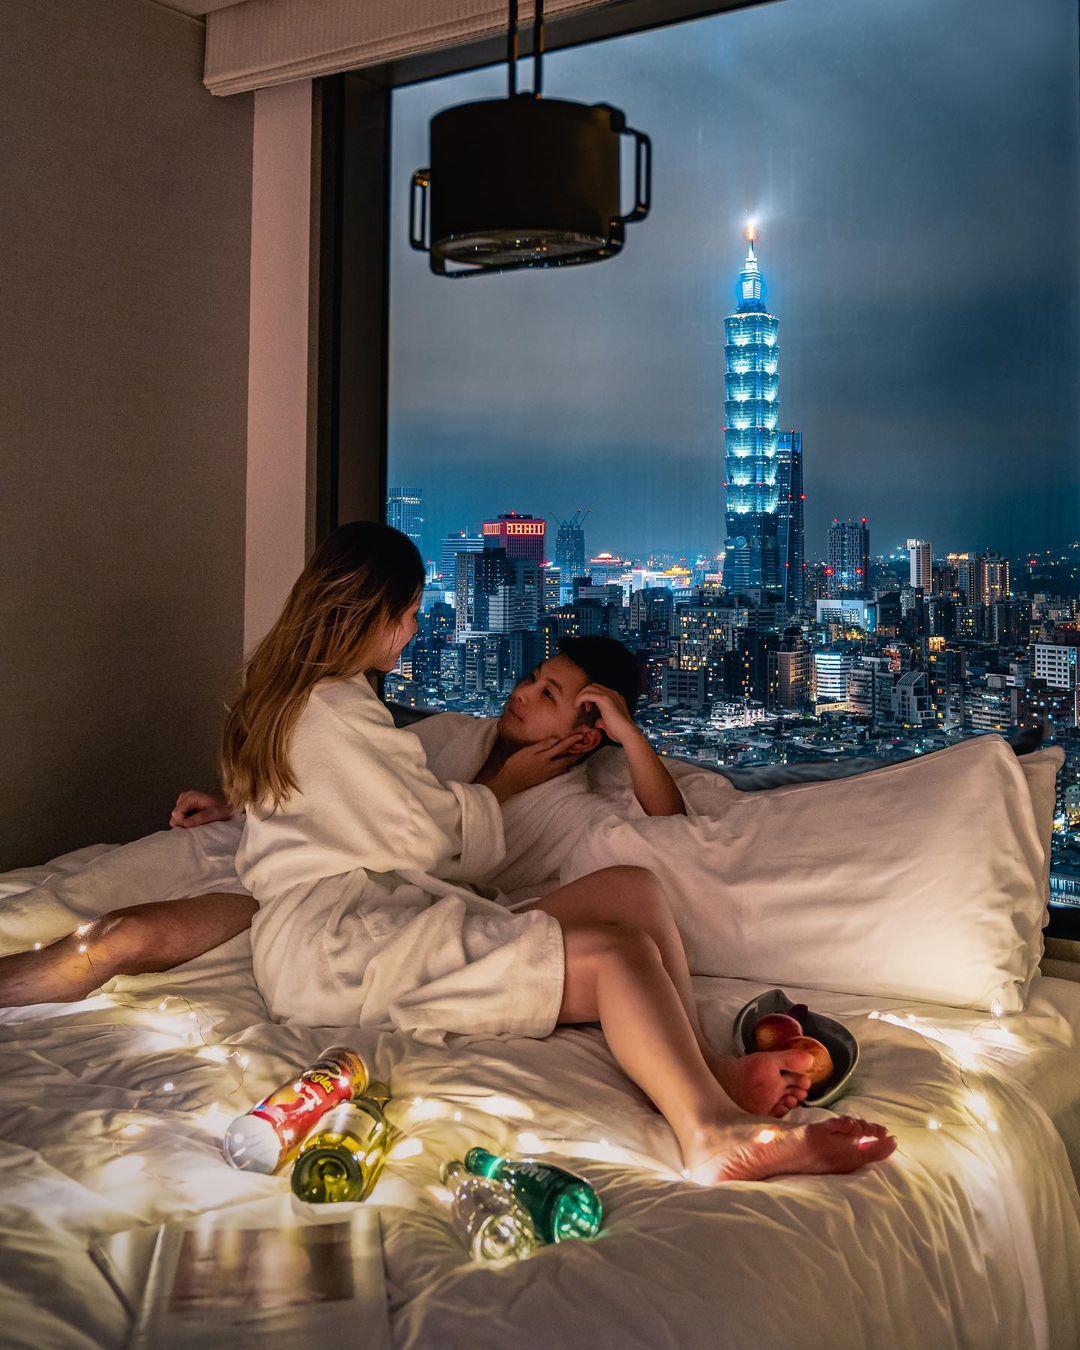 台北跨年2021,2021跨年煙火飯店住宿推薦,101煙火最美觀賞地點,遠東香格里拉